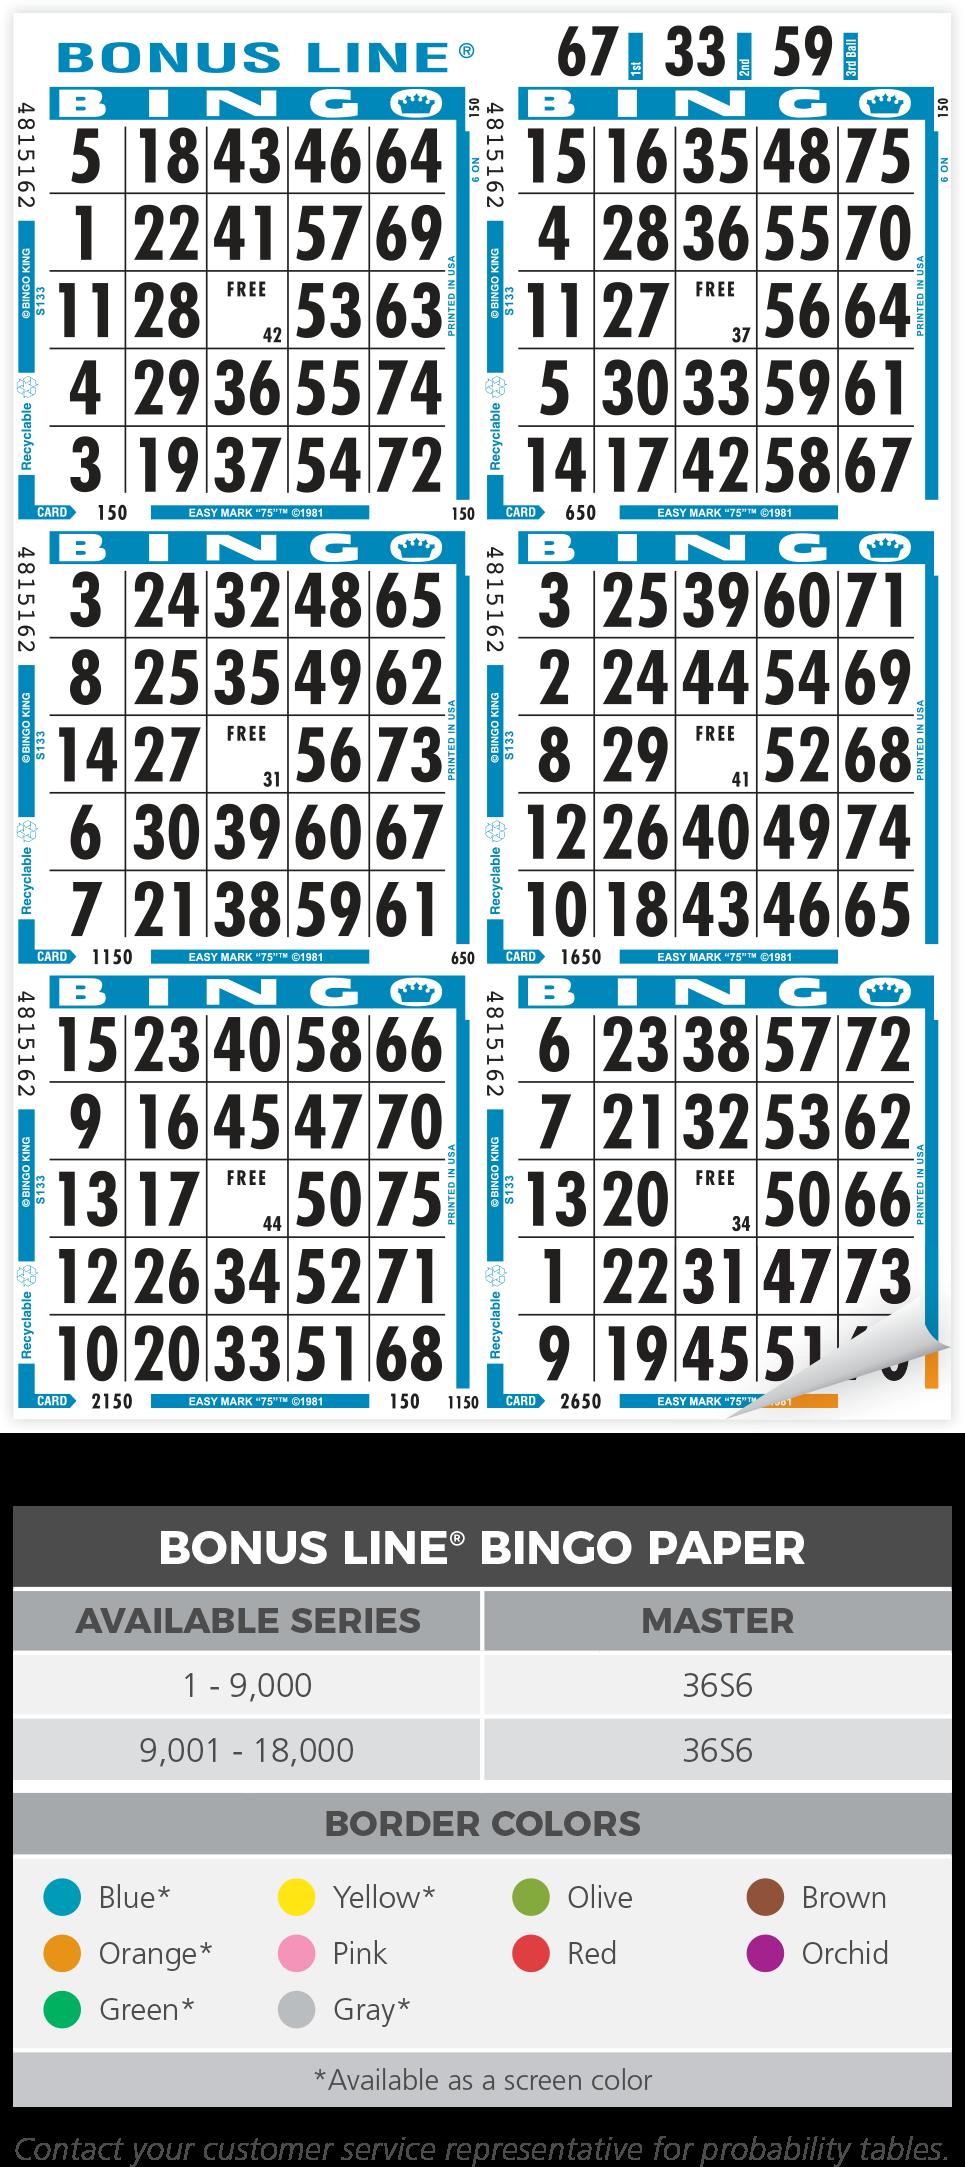 Bonus Line Bingo Paper